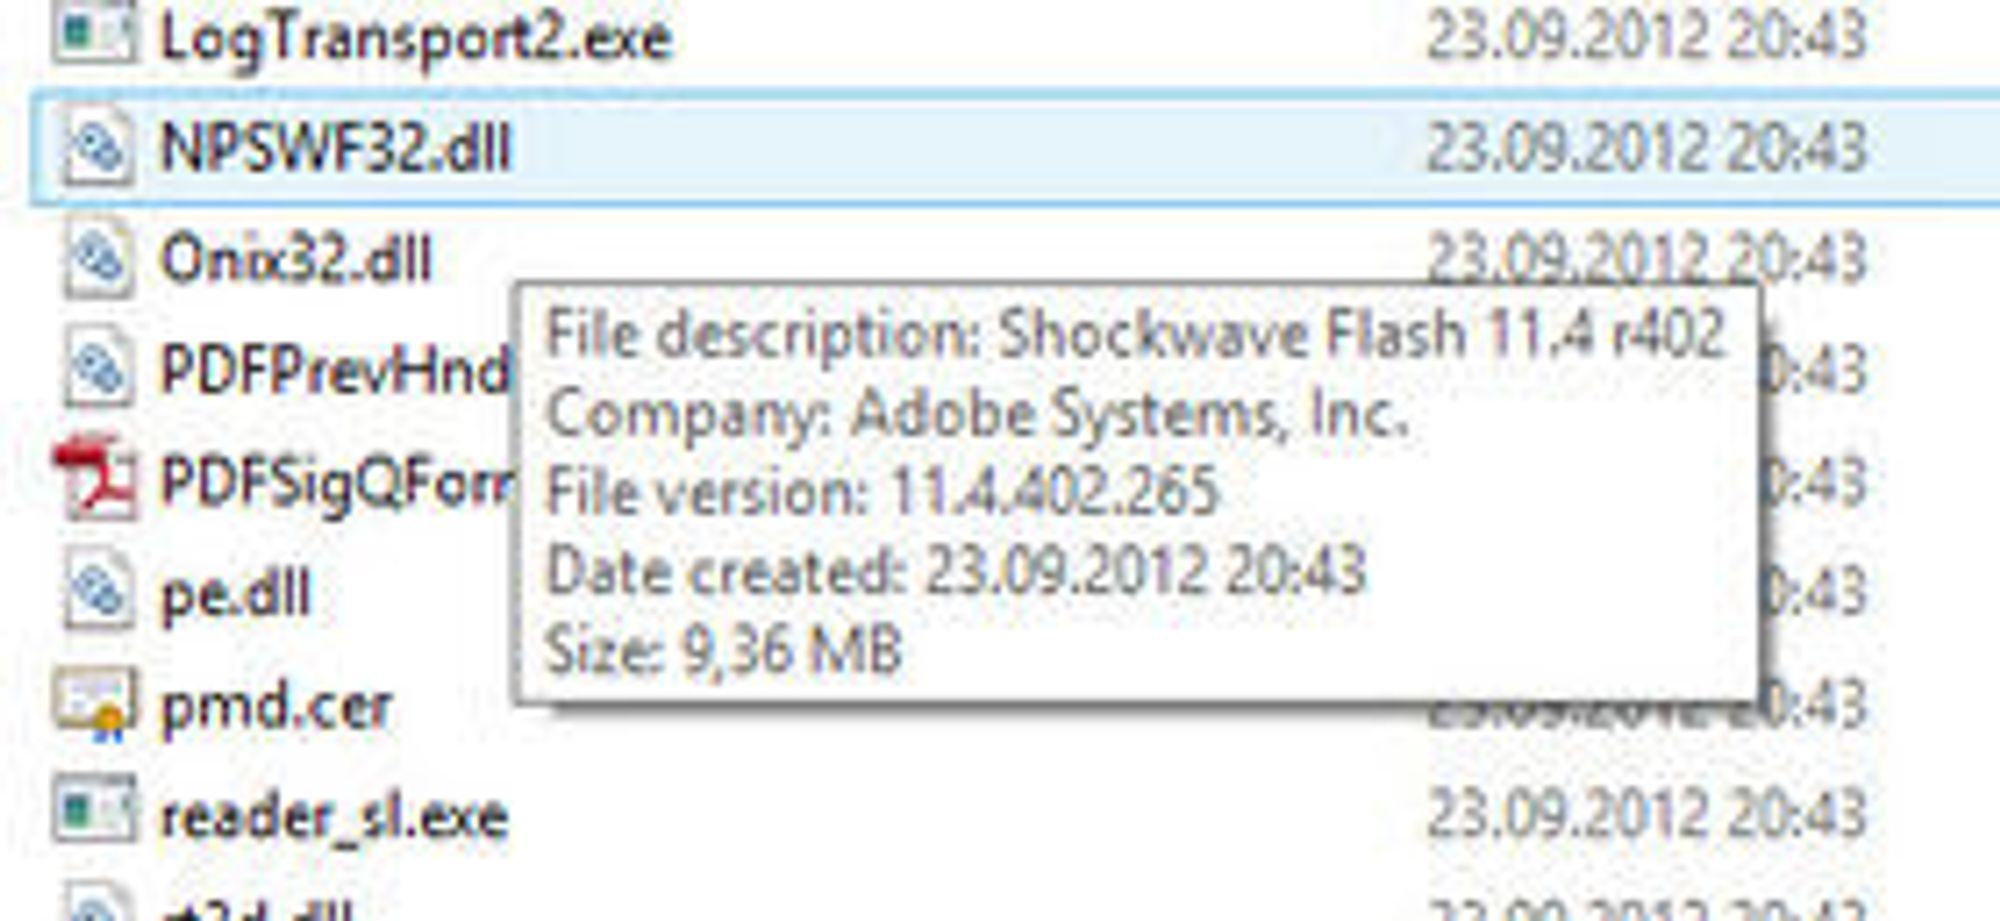 Det var denne filen som fikk digi.no-leseren til å reagere.